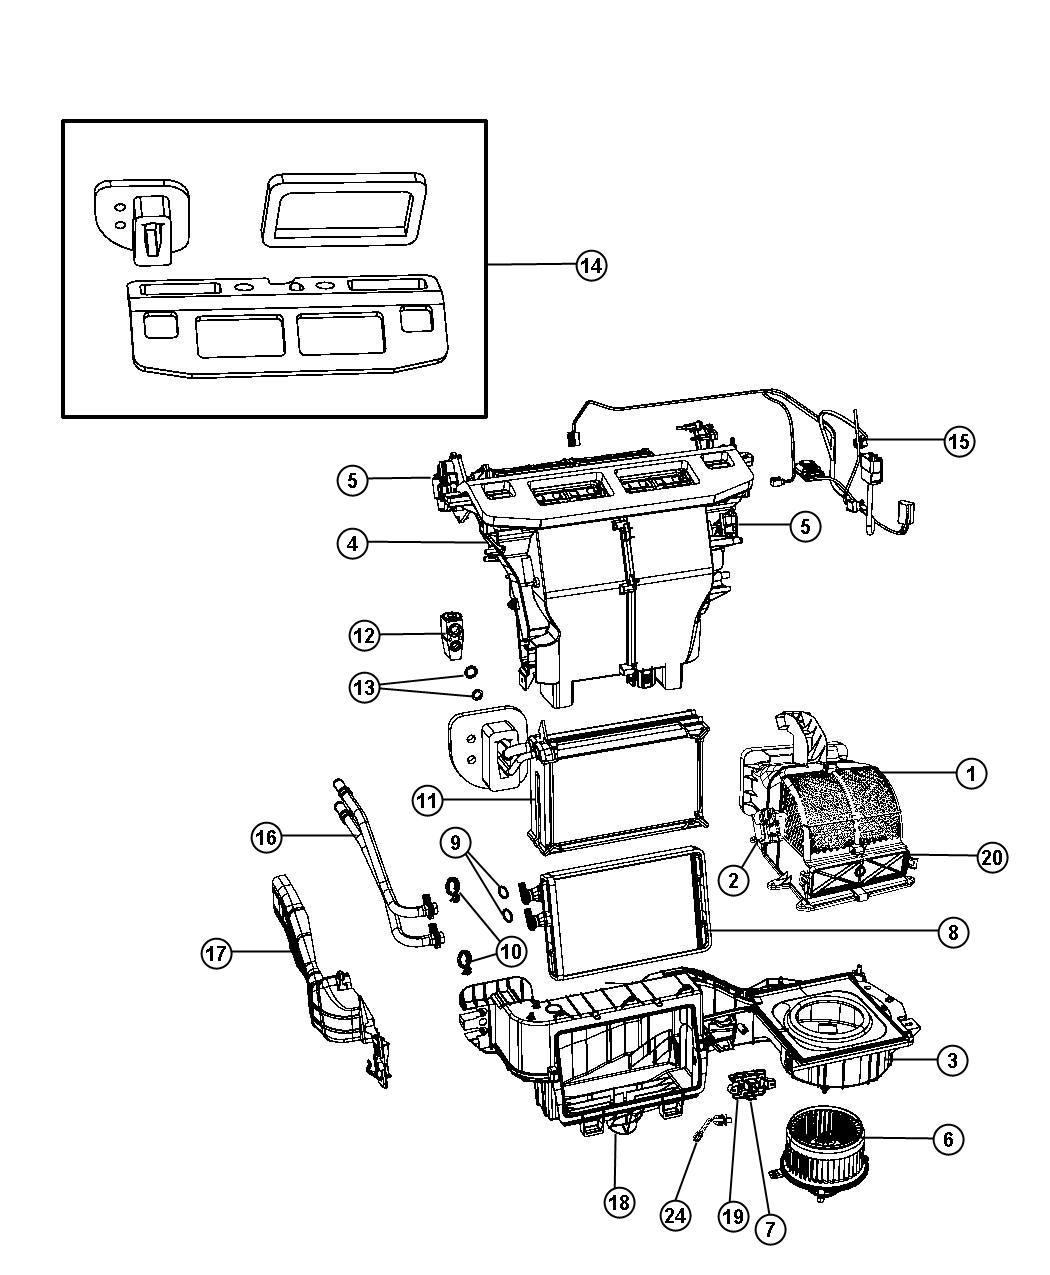 98 e350 fuse diagram